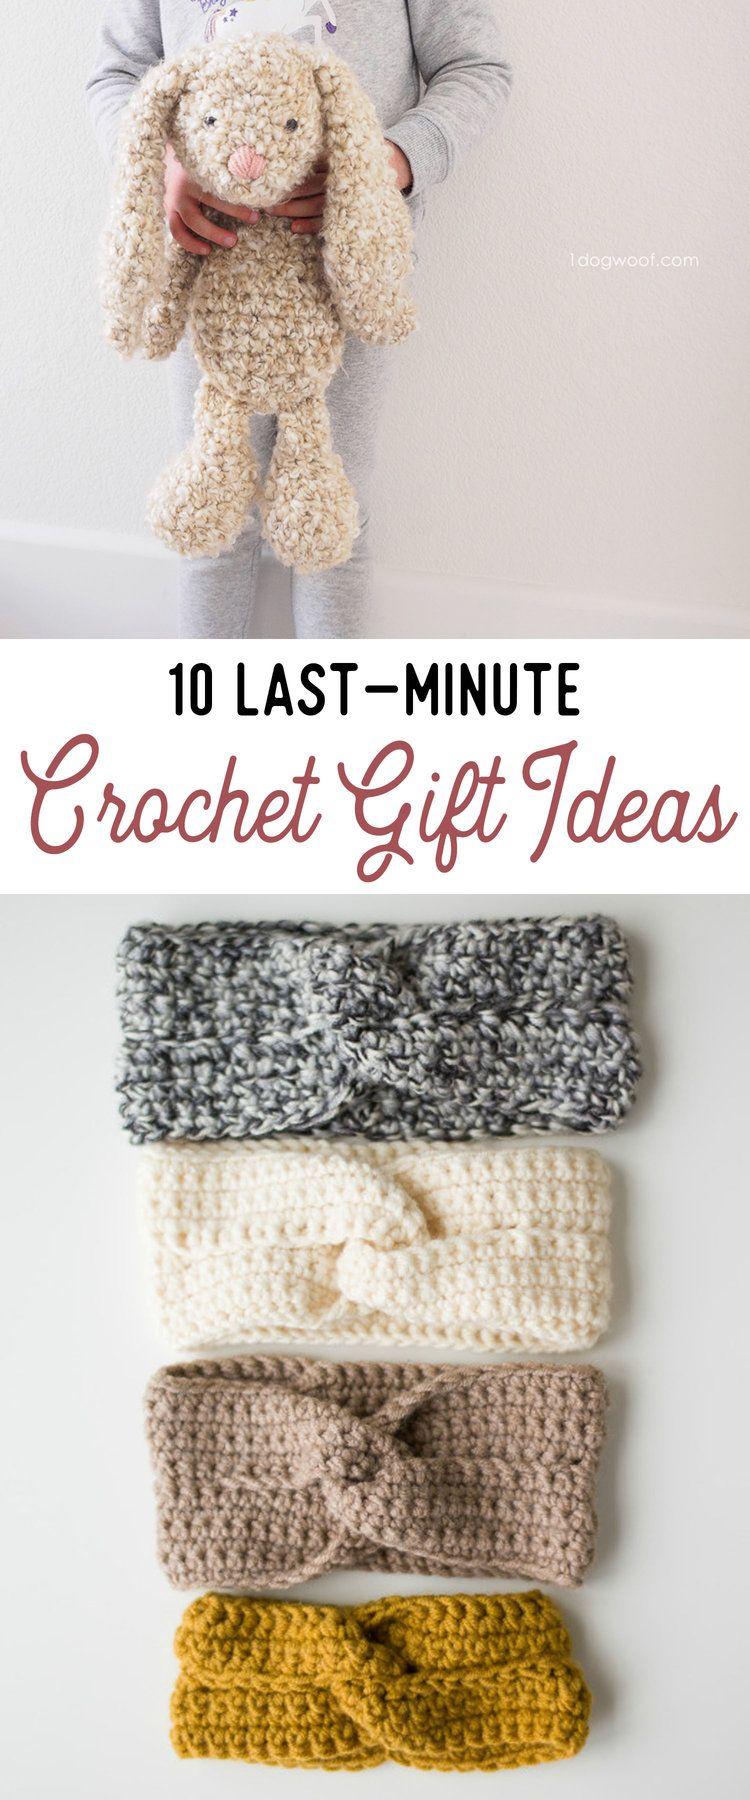 Ten Last-Minute Crochet Gift Ideas (All Free Patterns!) | Pinterest ...